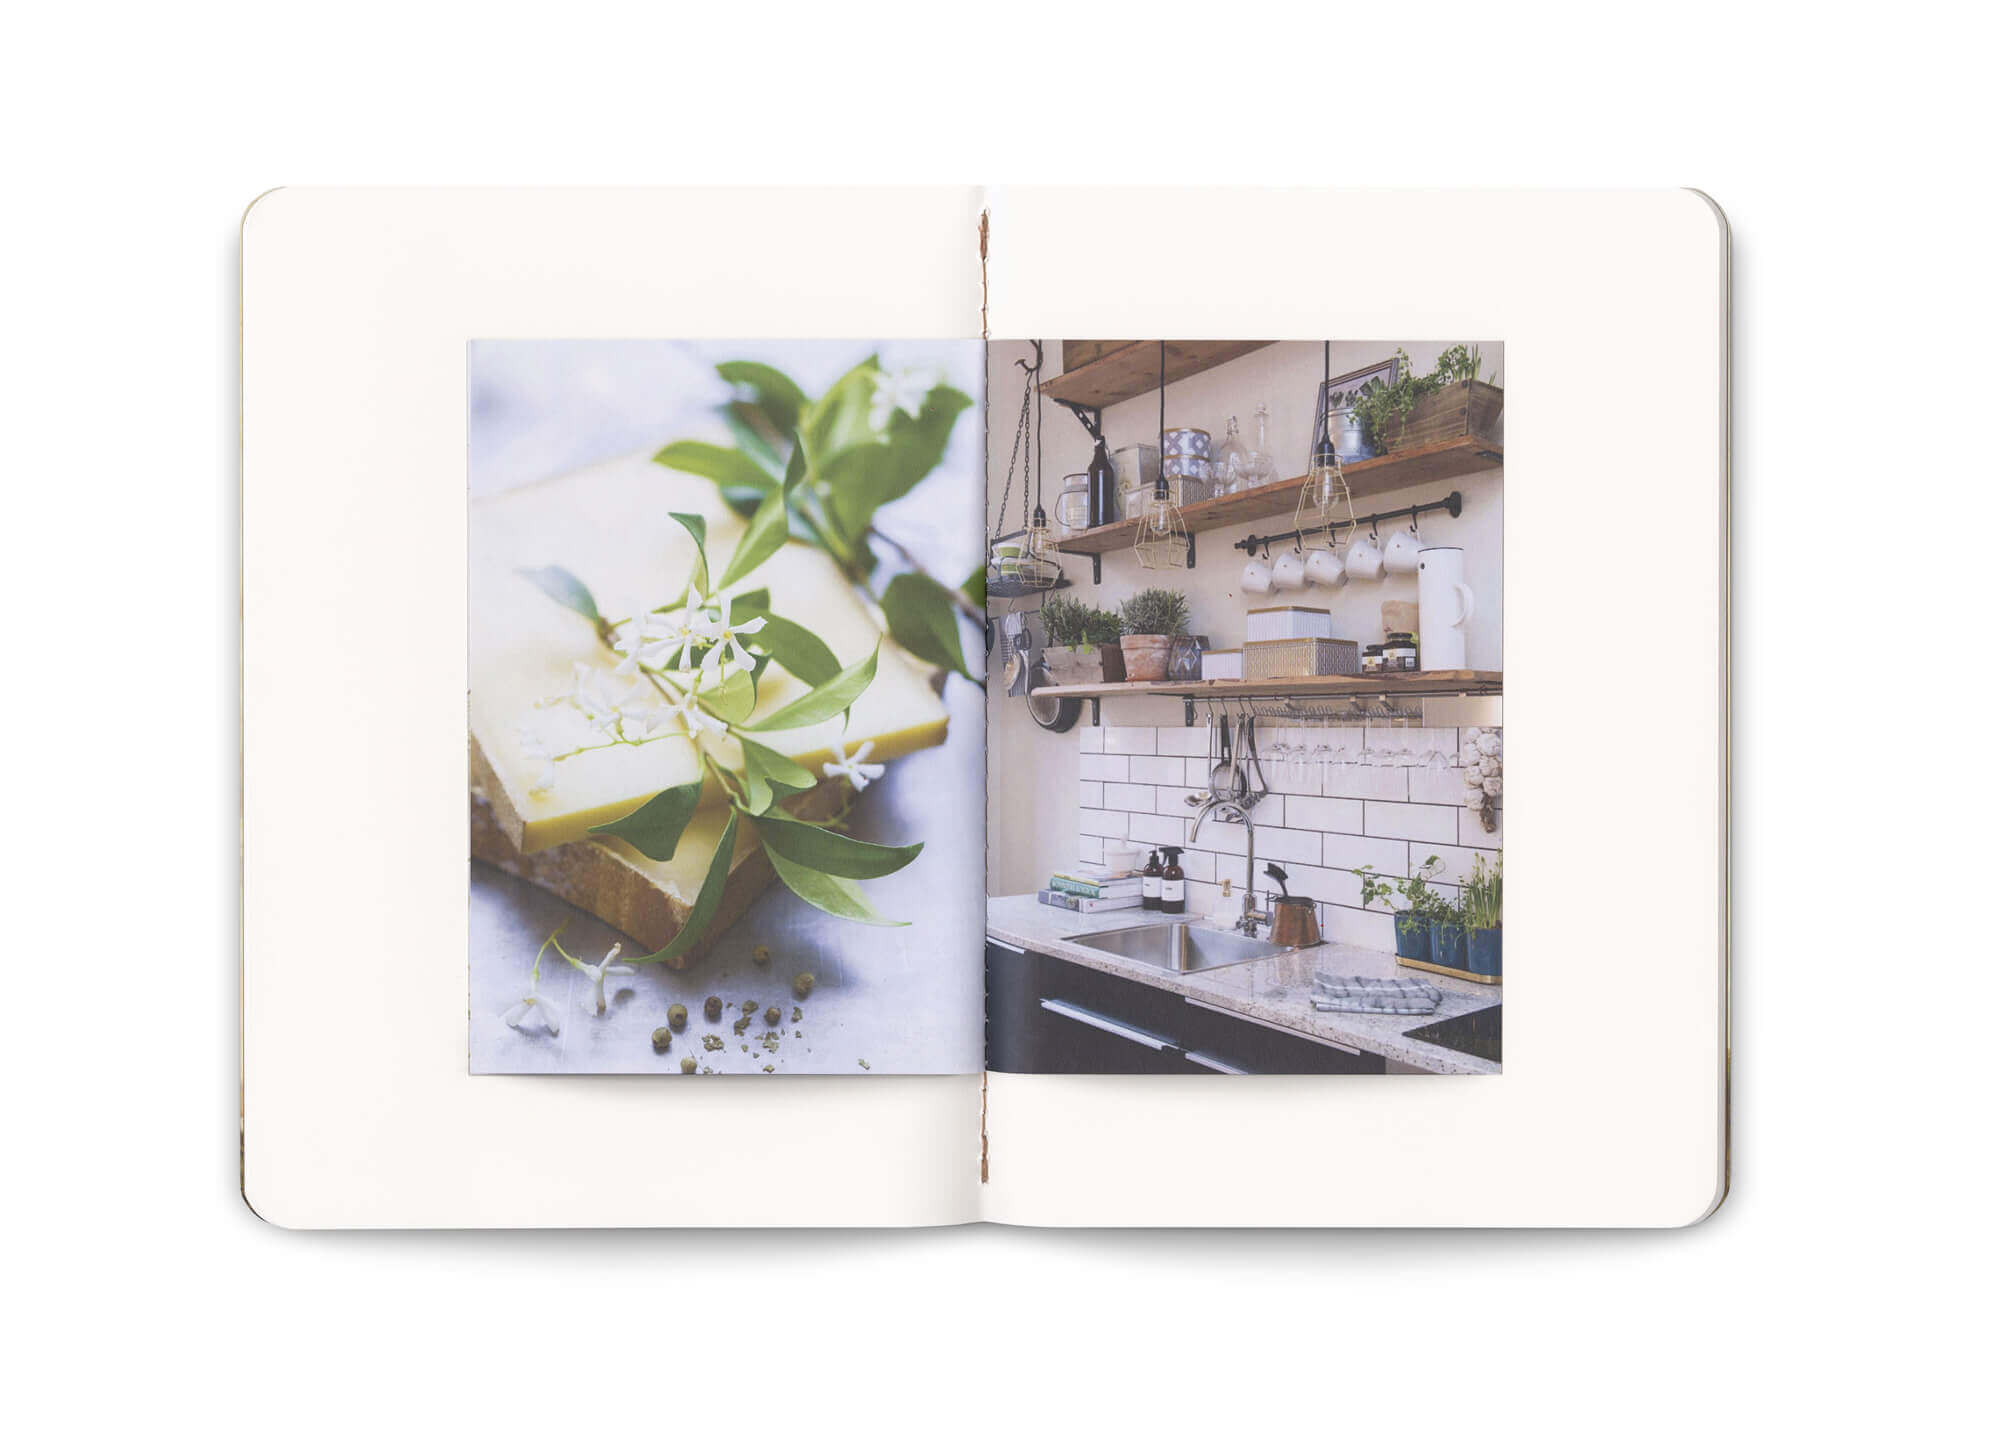 une double page du carnet think milk, un cadeau influenceur, avec des photographies au teintes naturelles. direction artistique Ich&kar.